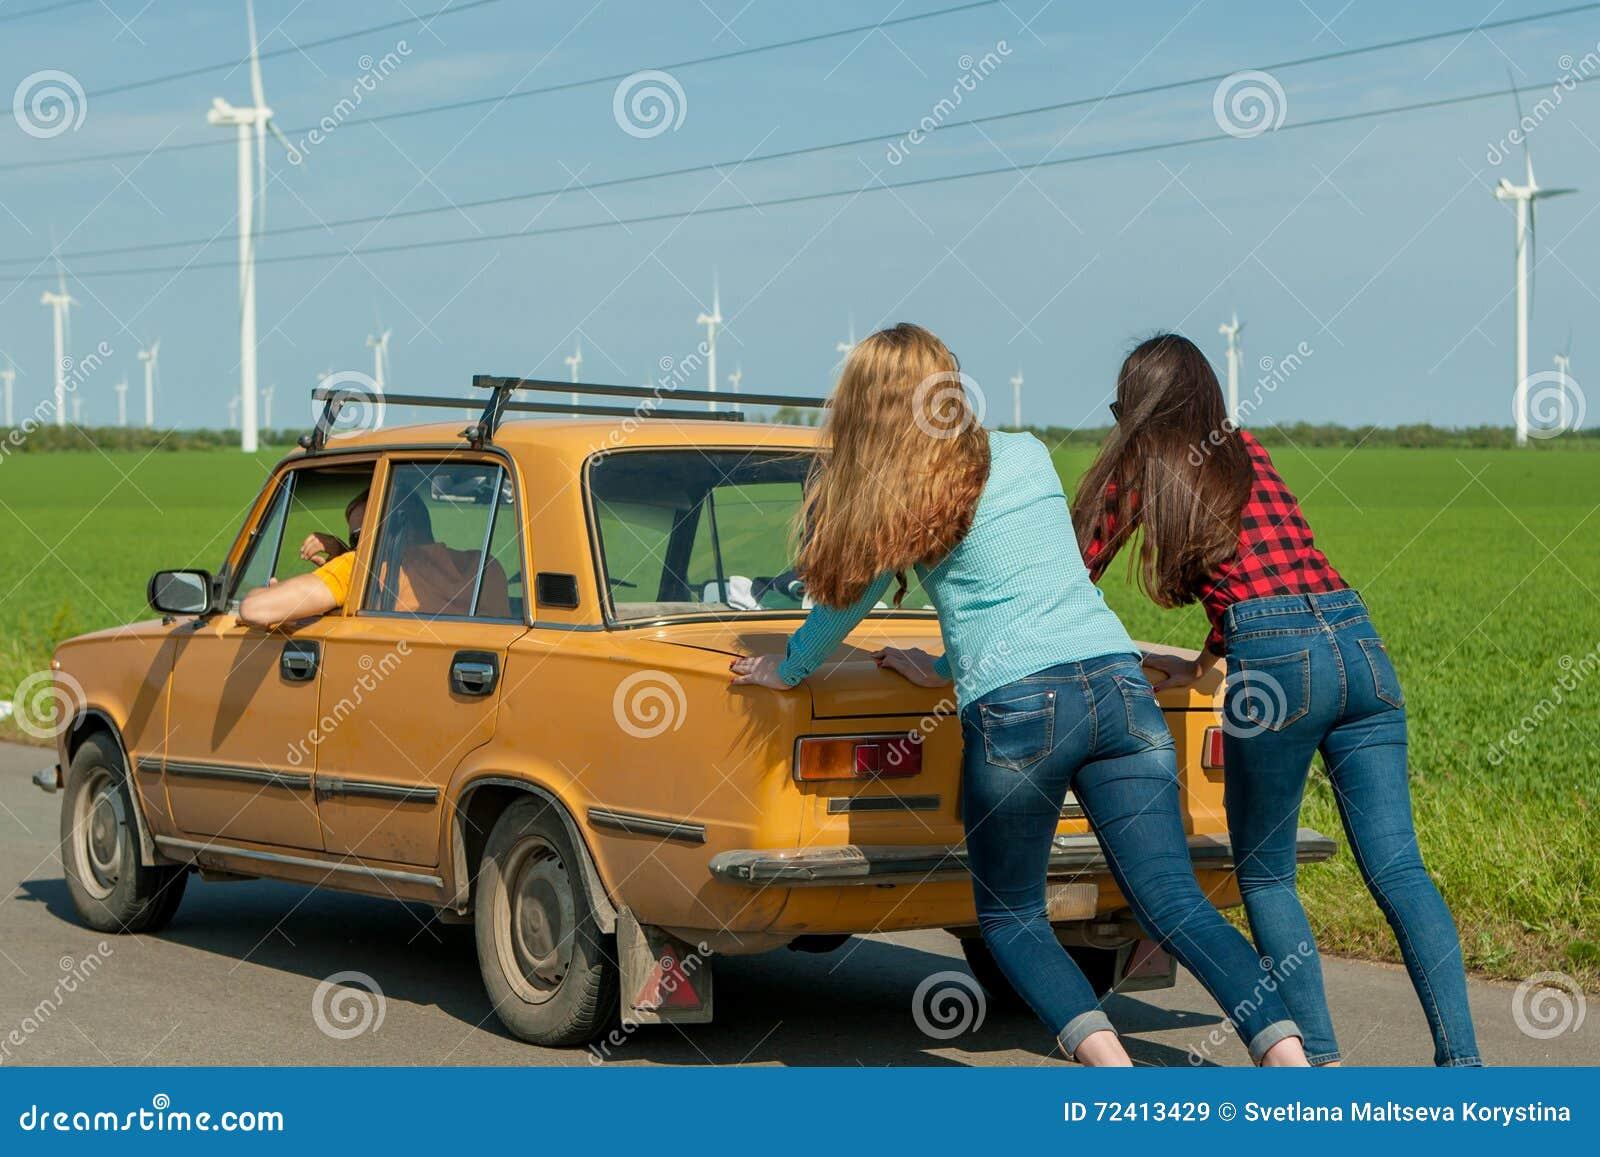 Buy My Broken Car Uk